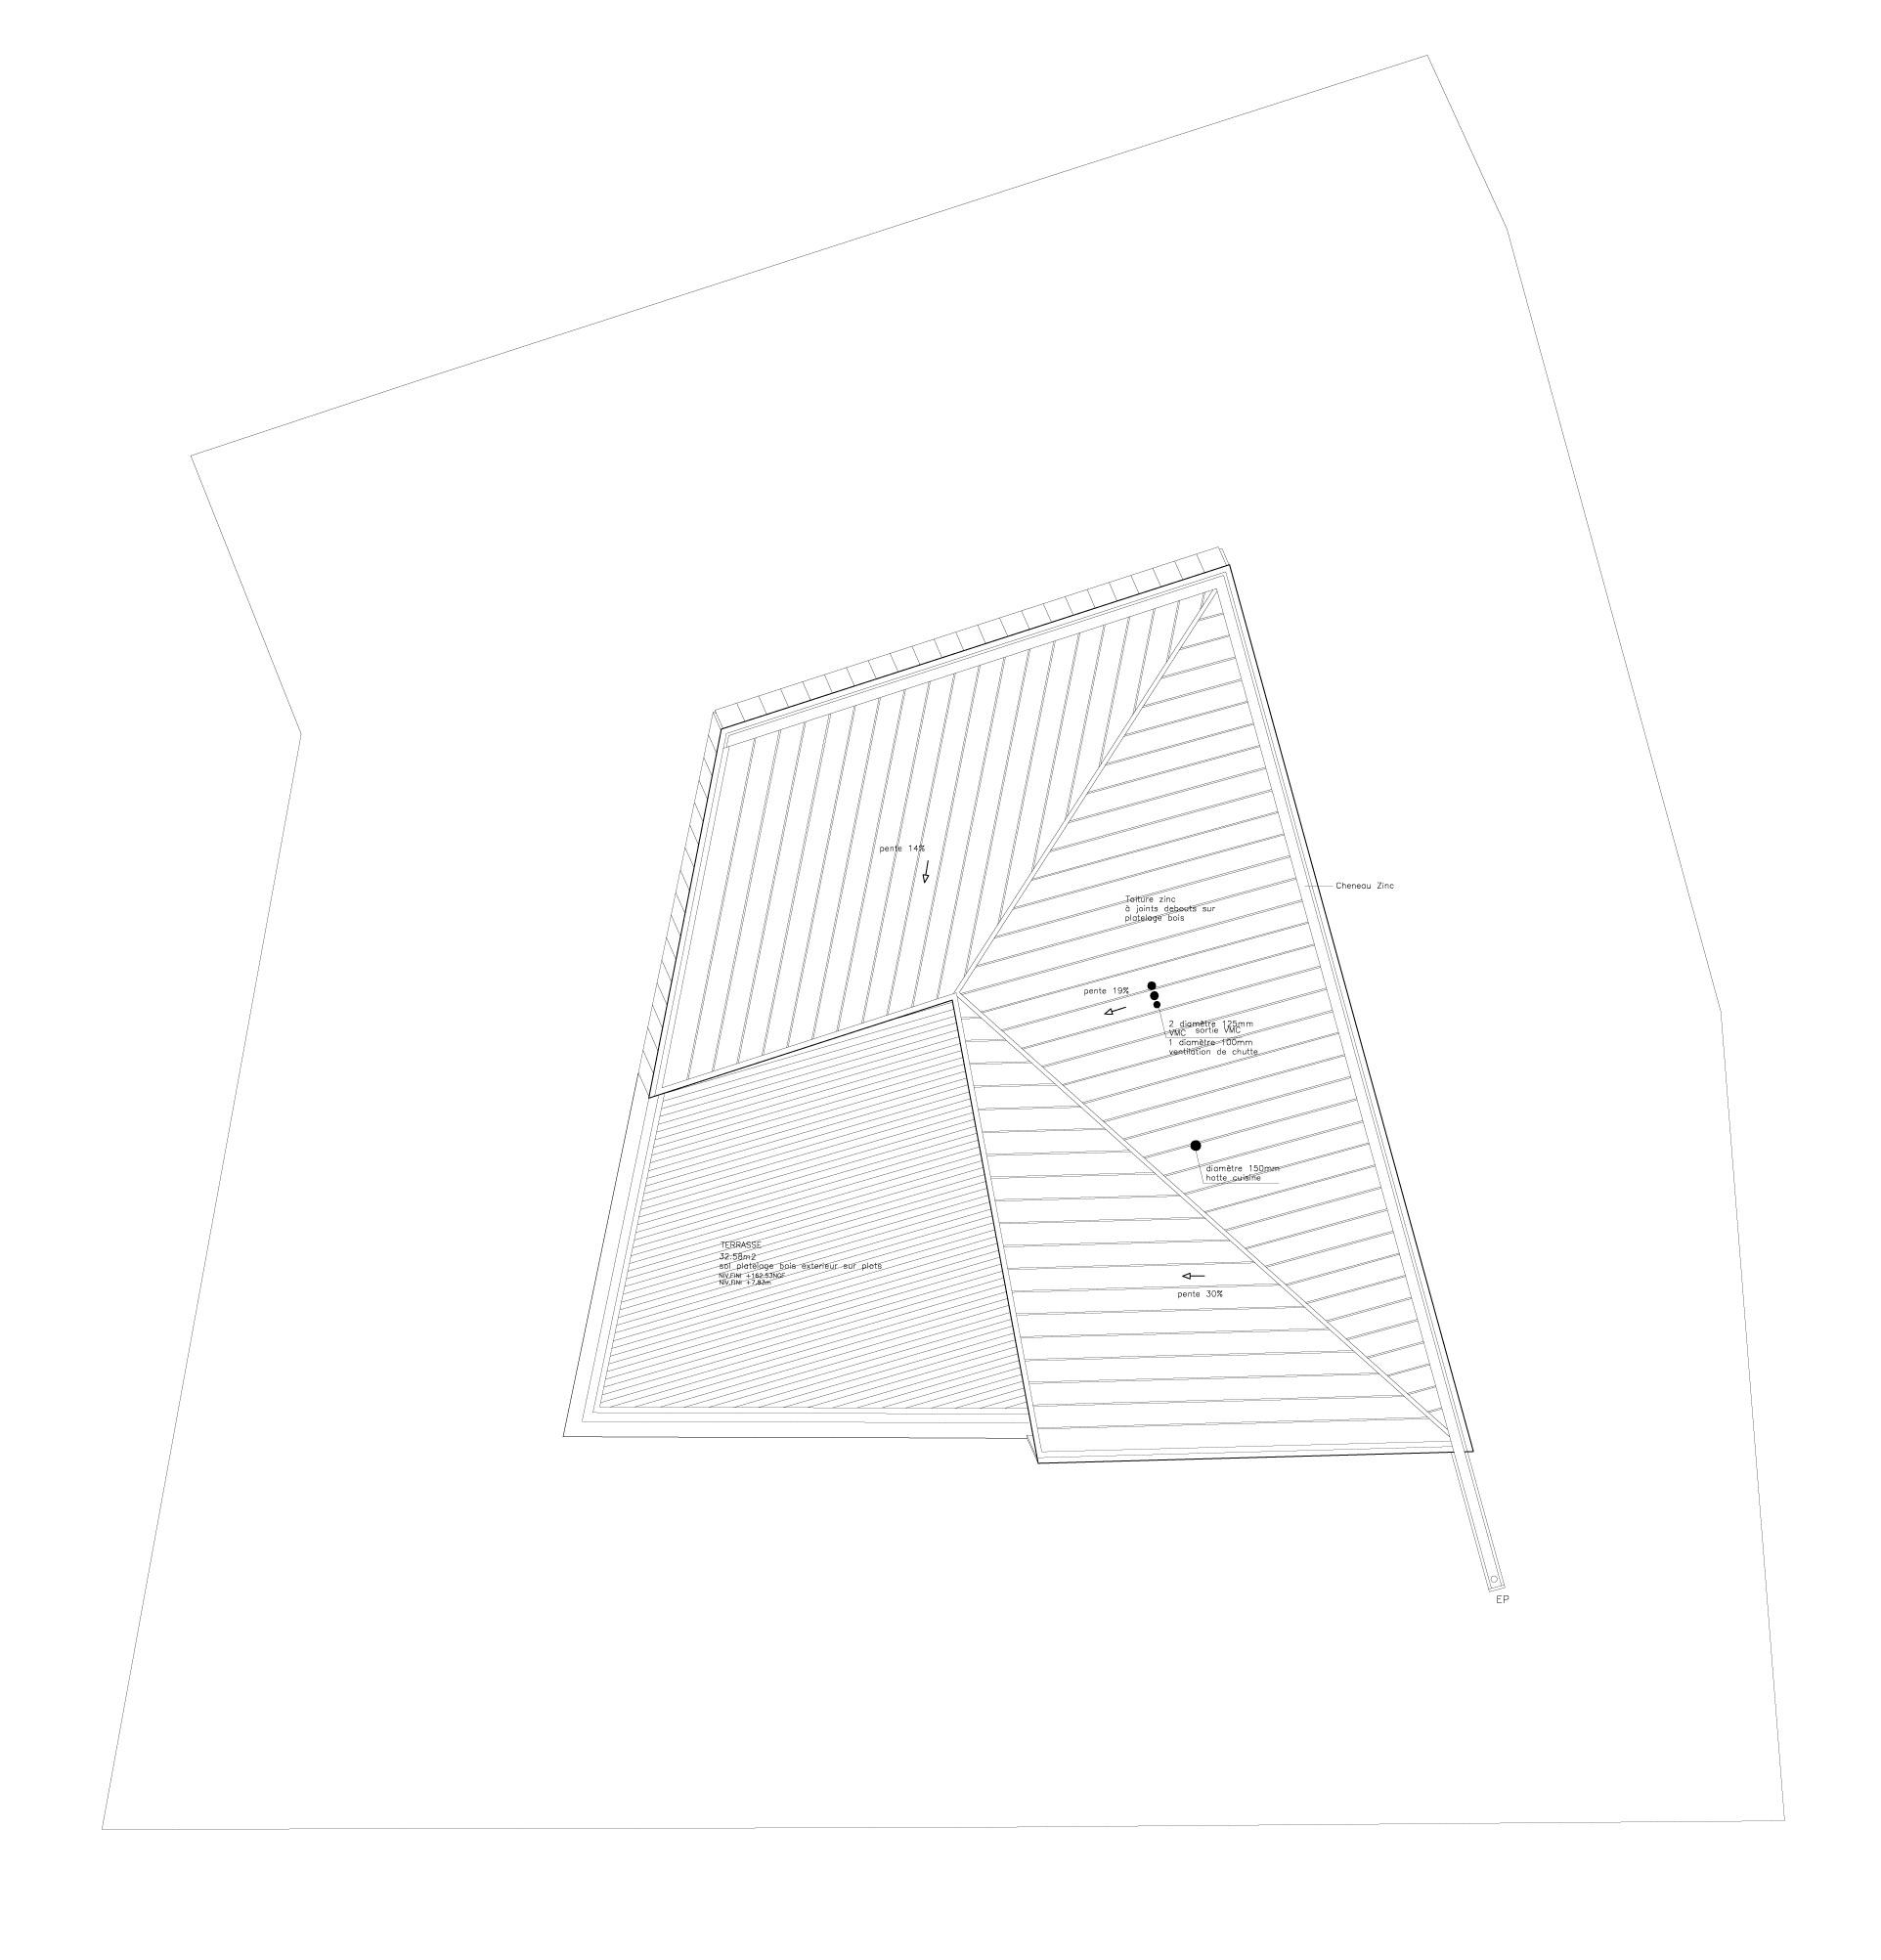 1148470610-planta-techos roof plan